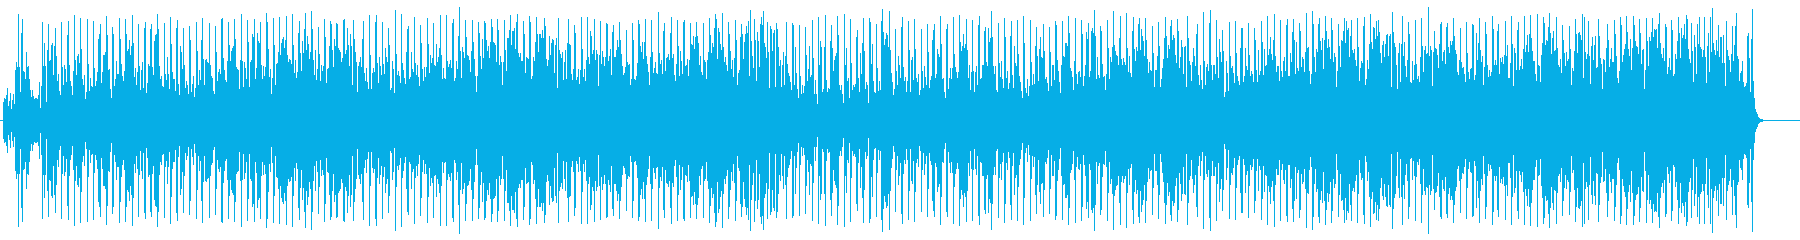 ほのぼのしたポップジャズ(フルサイズ)の再生済みの波形